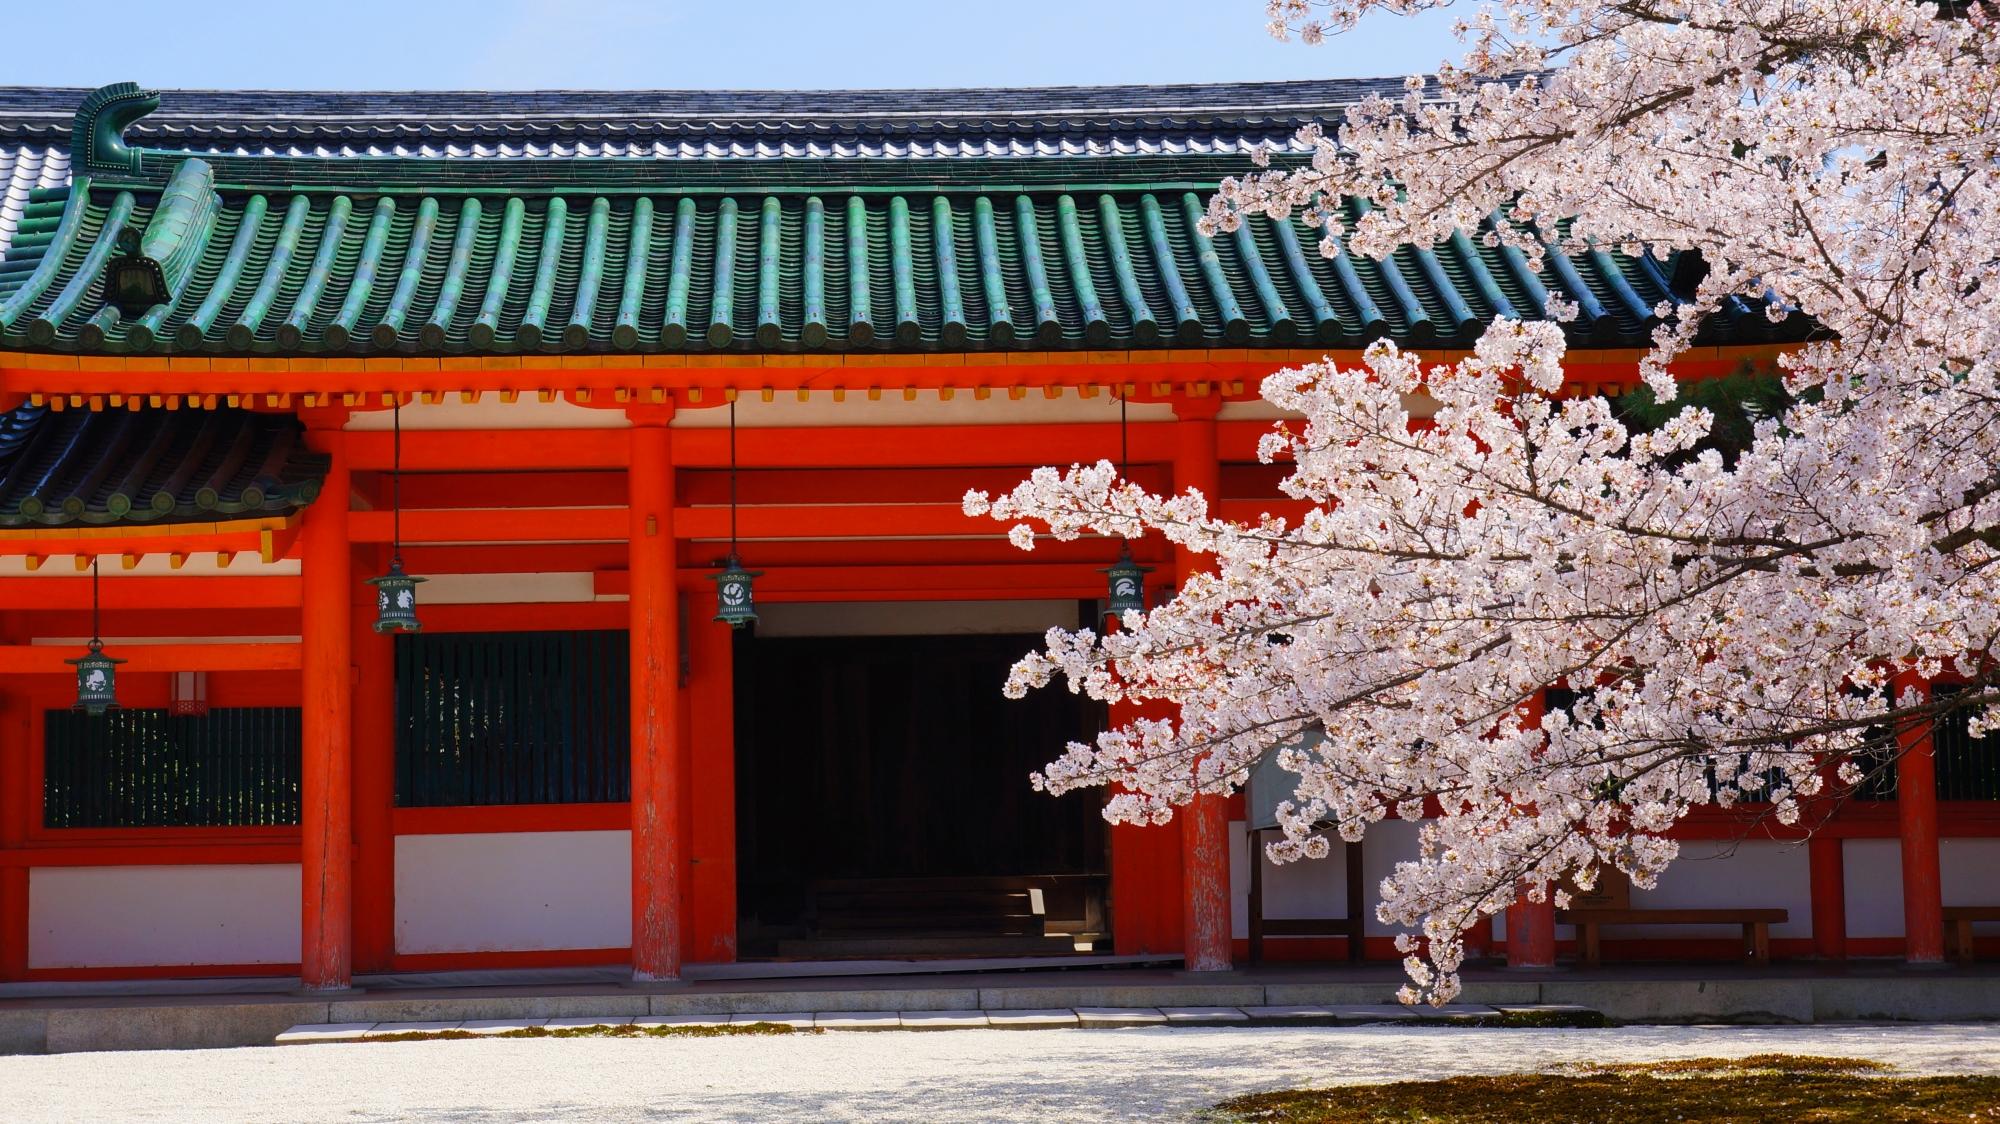 平安神宮の鮮やかな東門に映える雅な桜